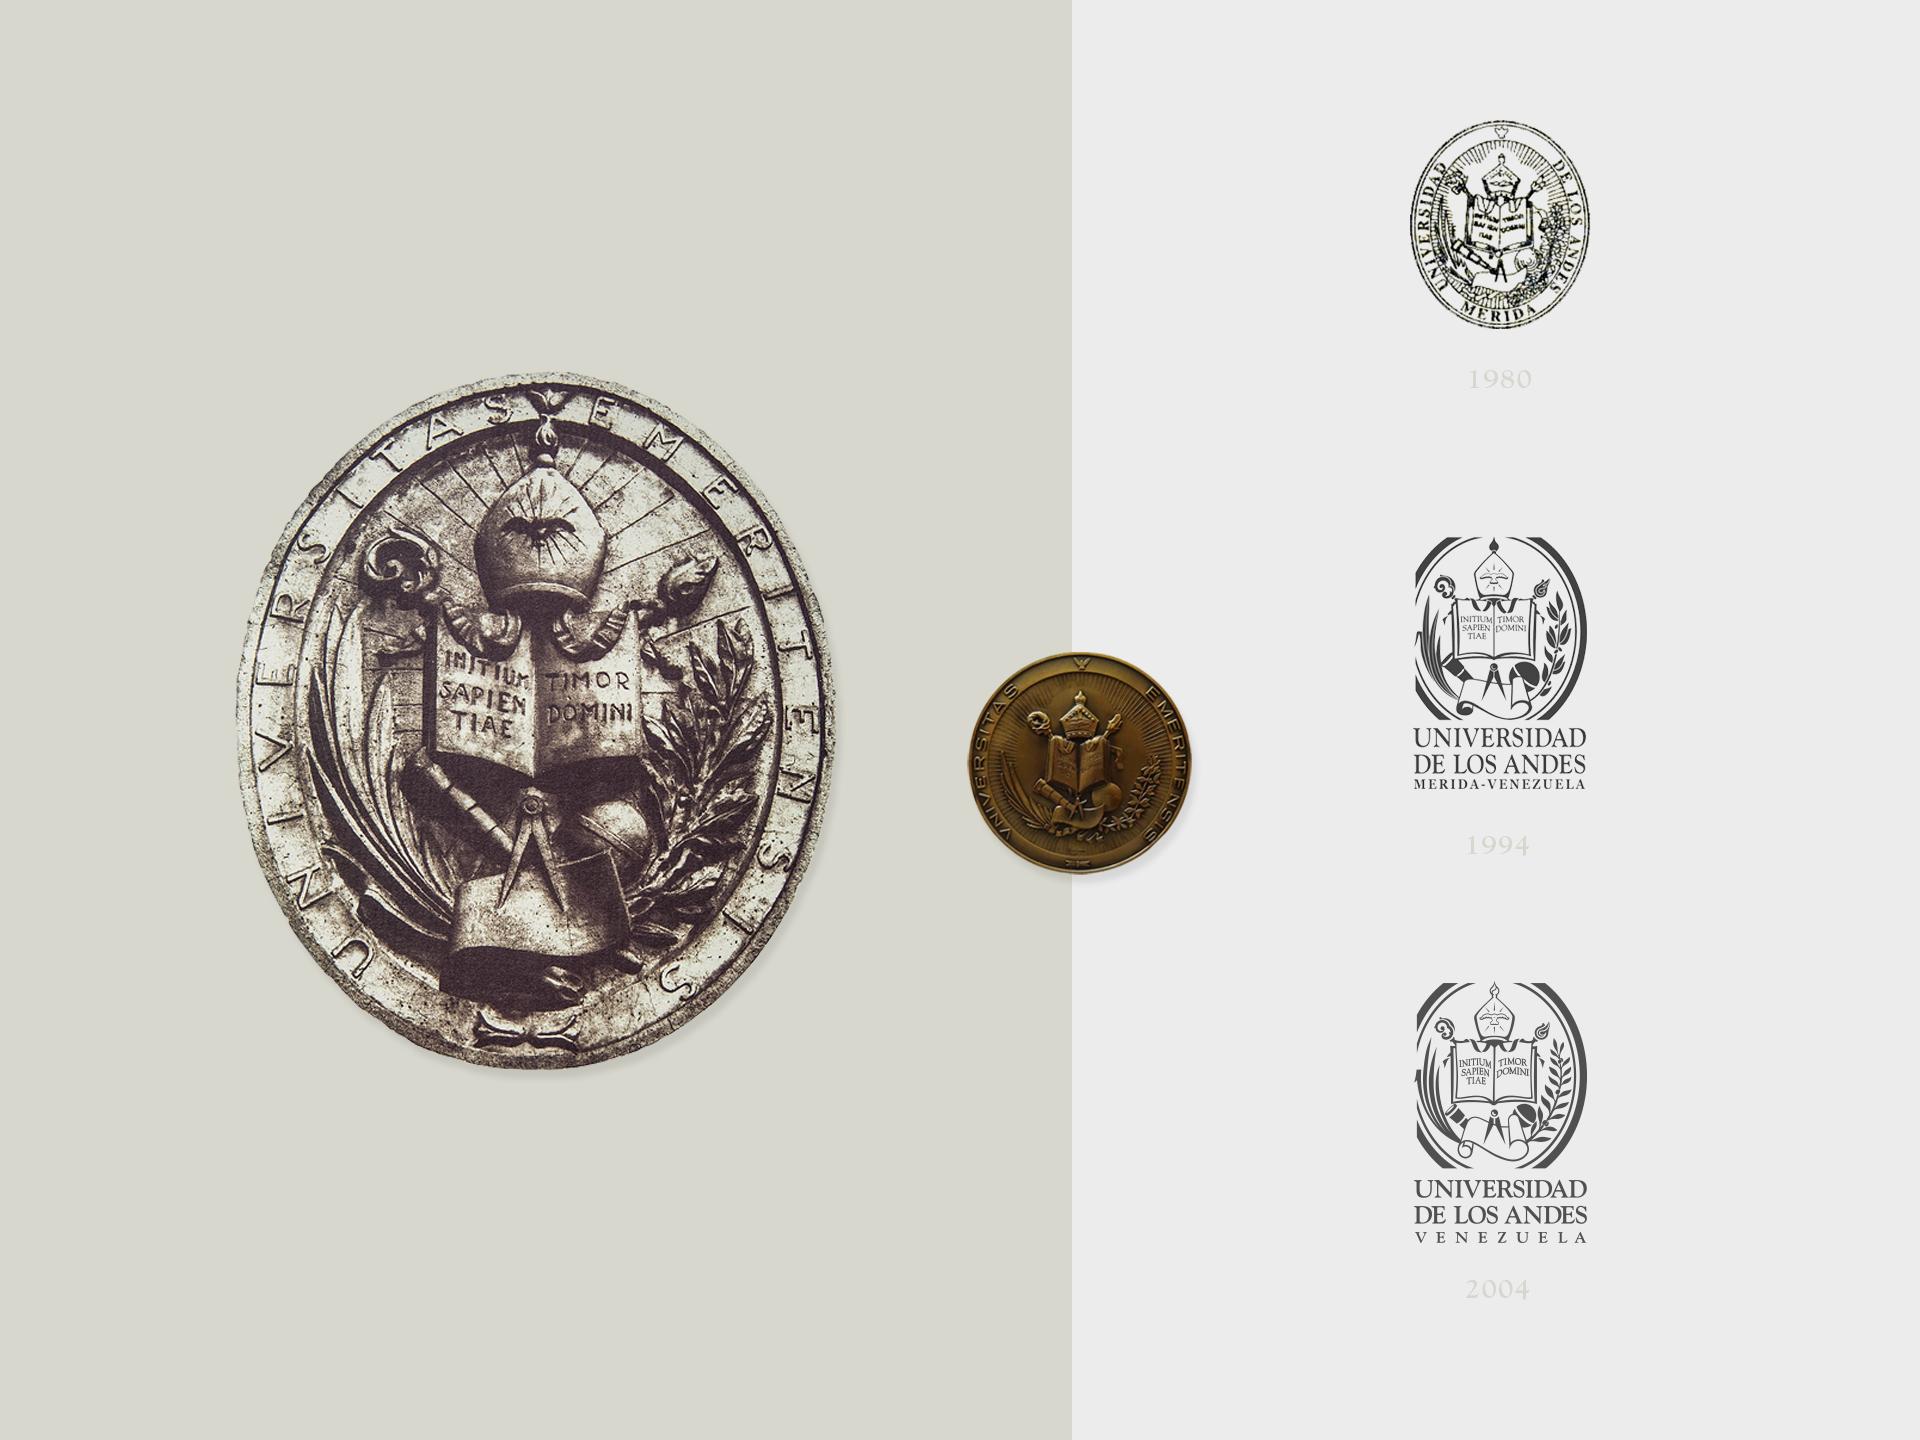 jhonatan-medina-caguana_escudos_ula_1_web_3_a2016